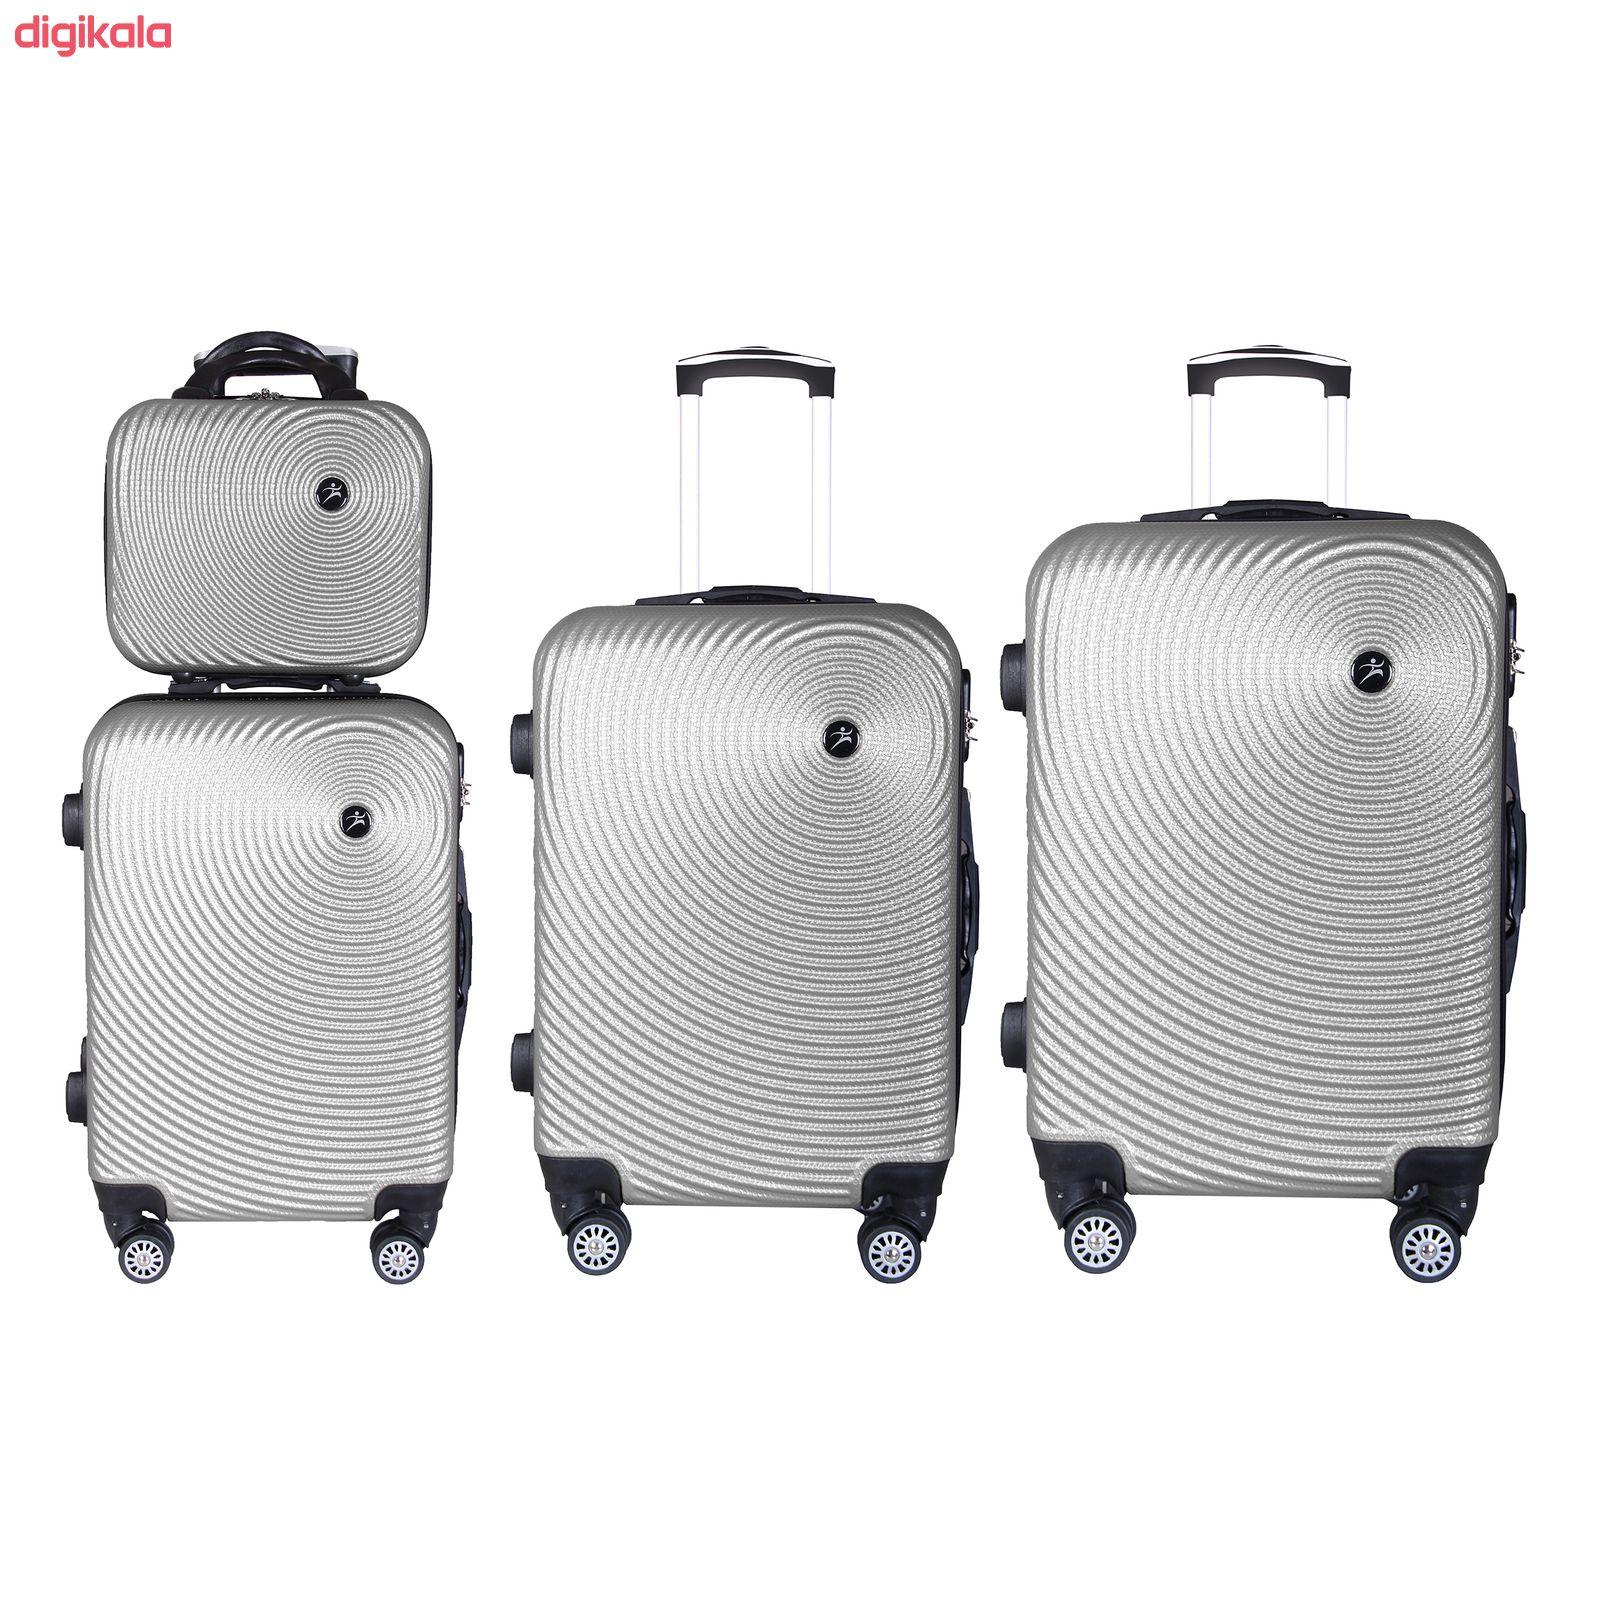 مجموعه چهار عددی چمدان اسپرت من مدل NS001 main 1 4